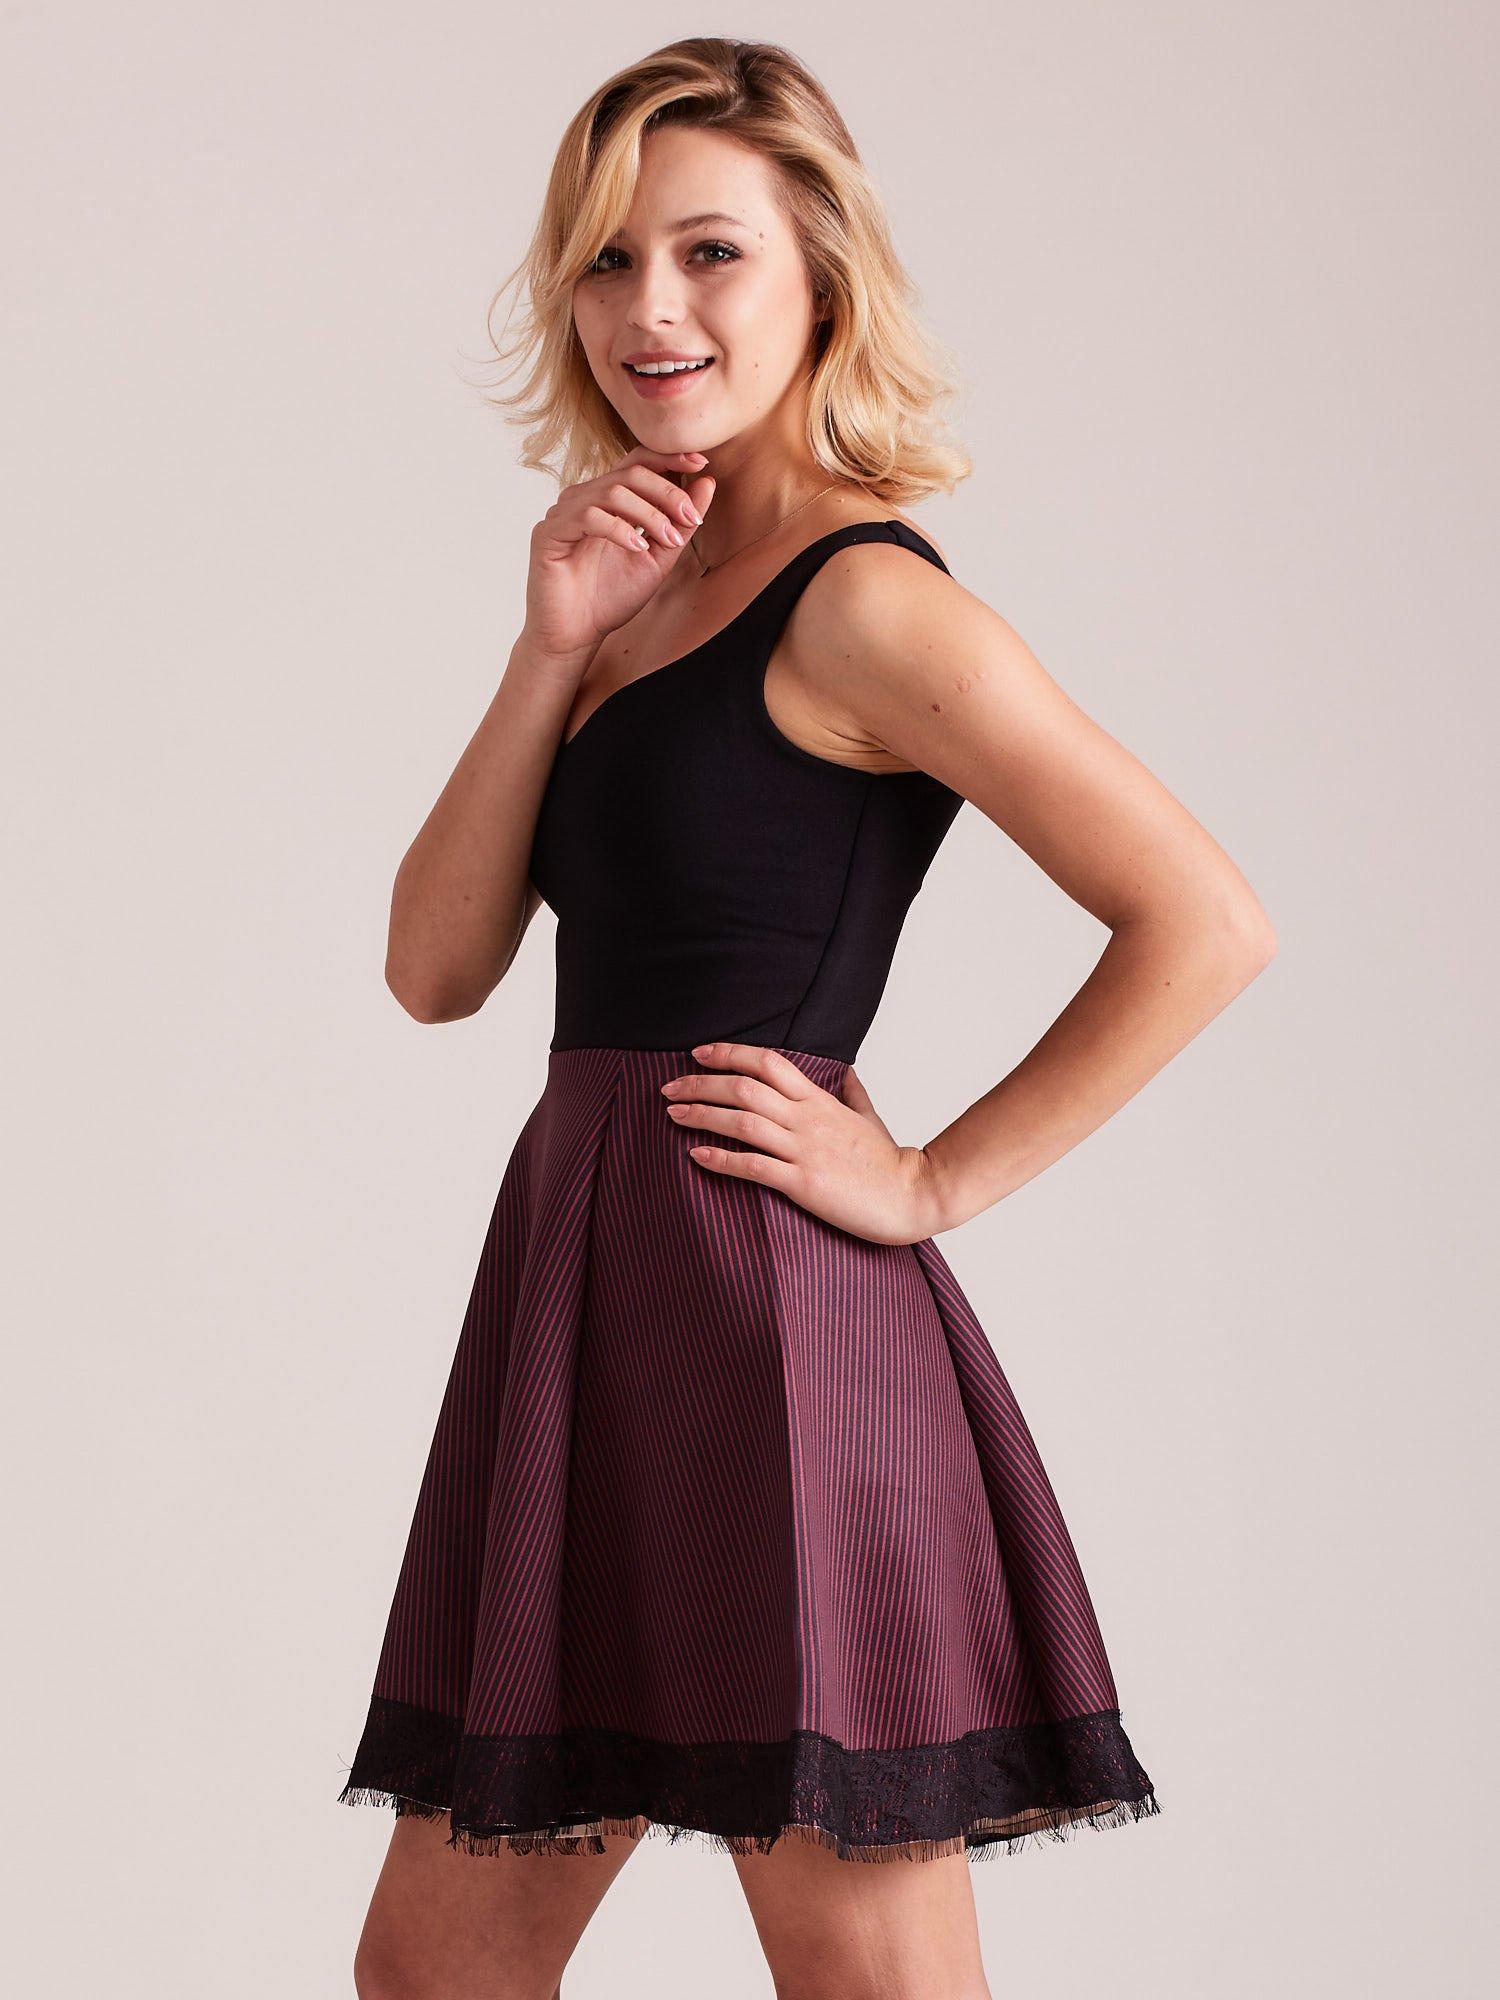 0f95b50cc1 Czarno-bordowa sukienka z dołem w paski - Sukienka koktajlowa - sklep  eButik.pl